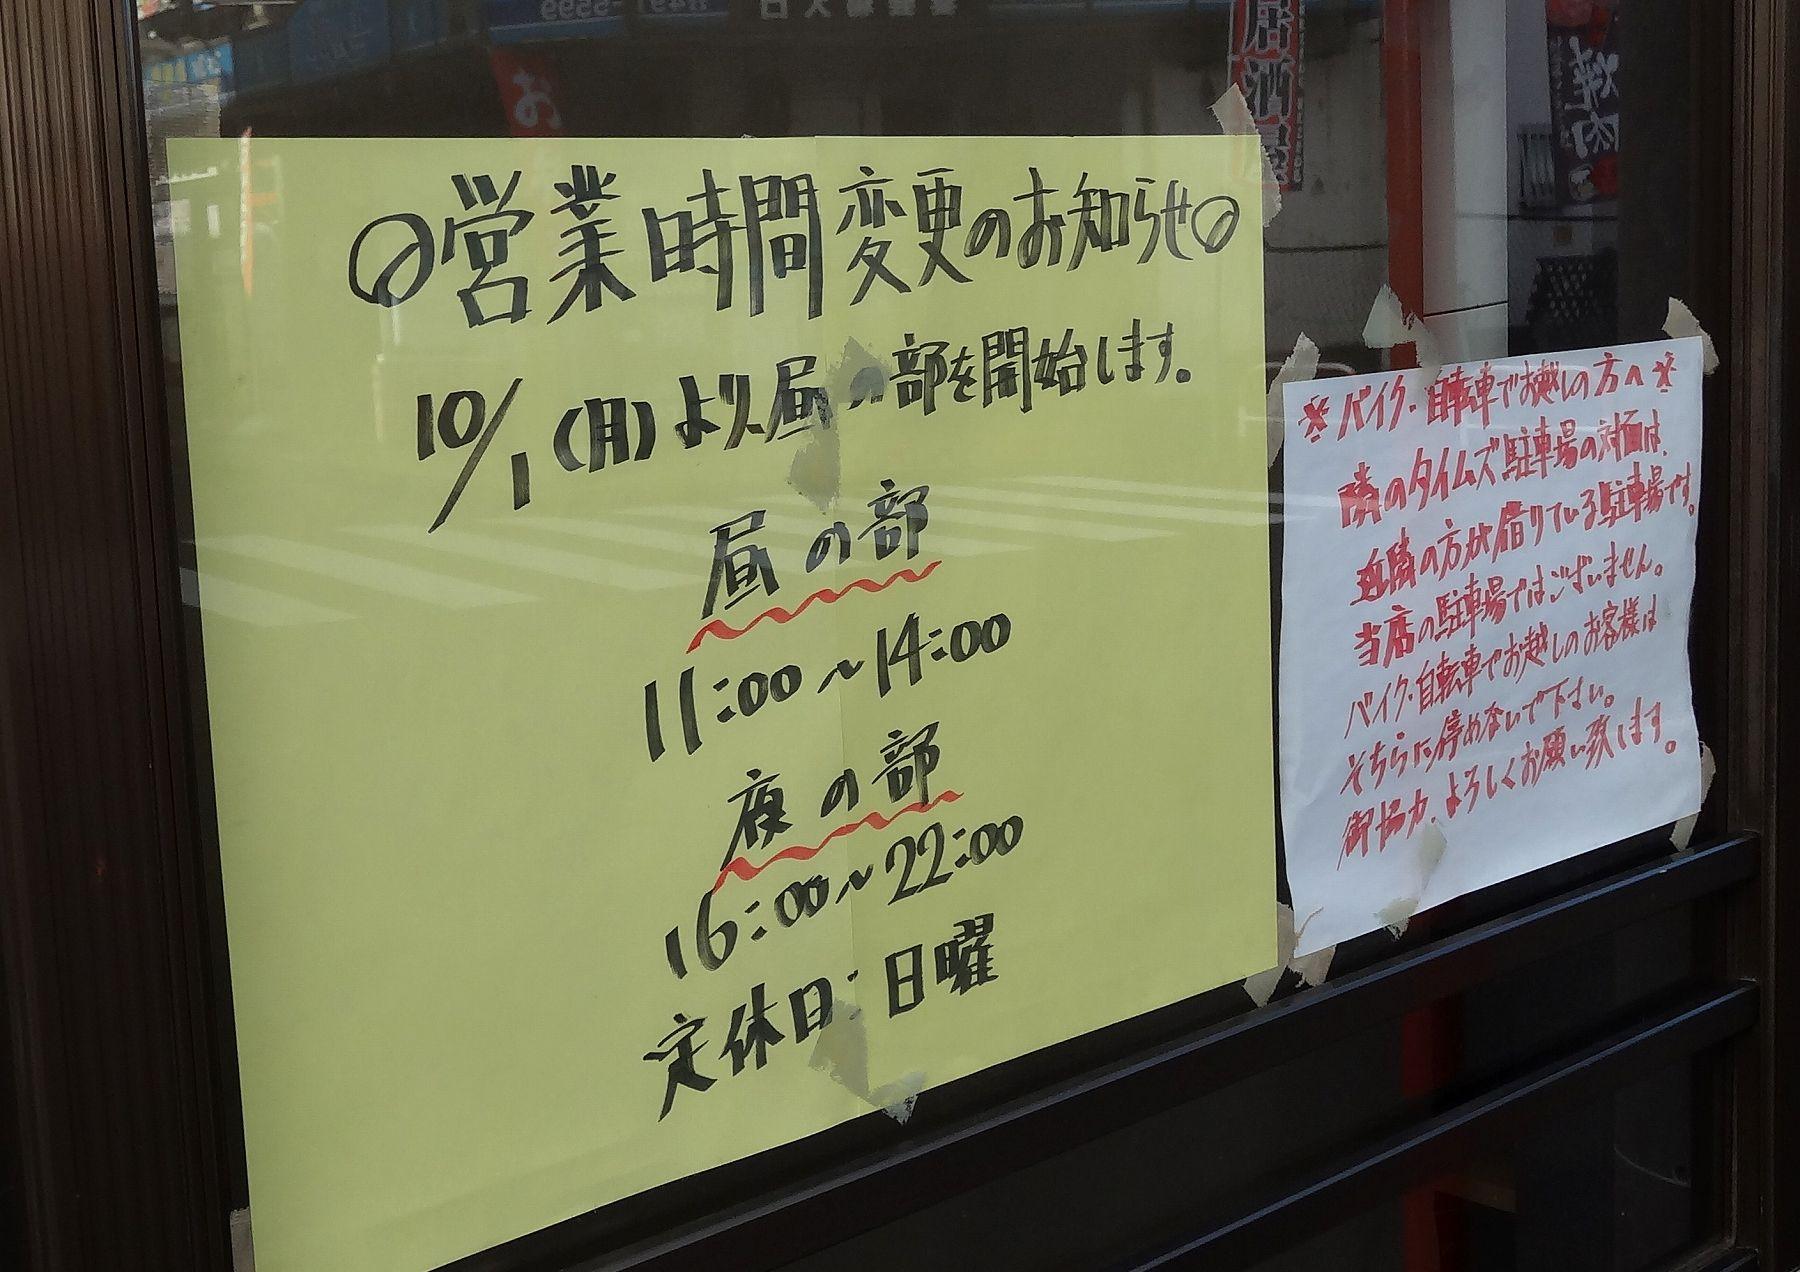 20120917002butaboshi.jpg